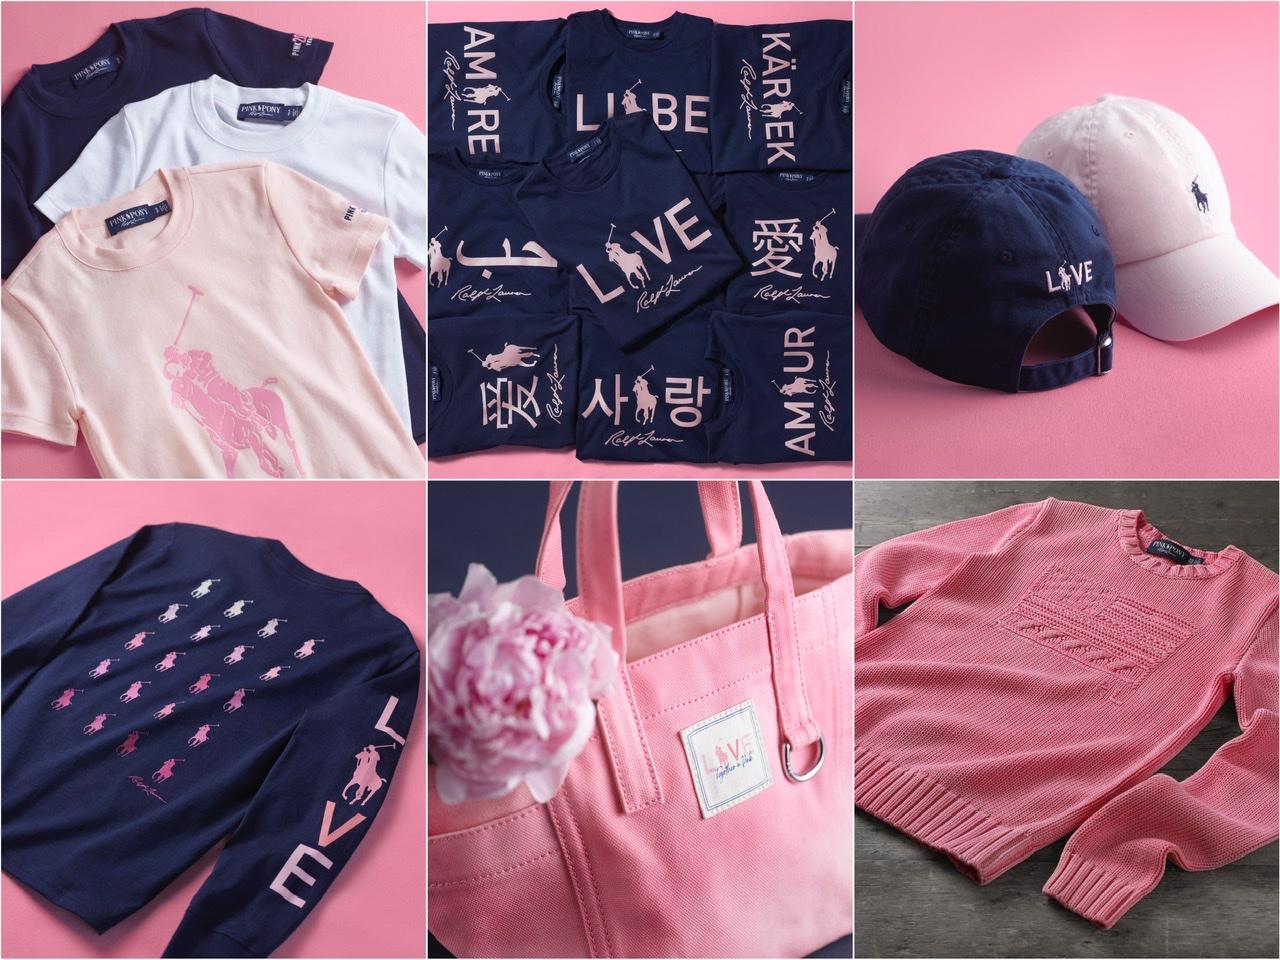 『ラルフ ローレン』のがんと闘う慈善プログラム「Pink Pony」20年目! アパレルコレクションの注目は【愛】Tシャツ♡_1